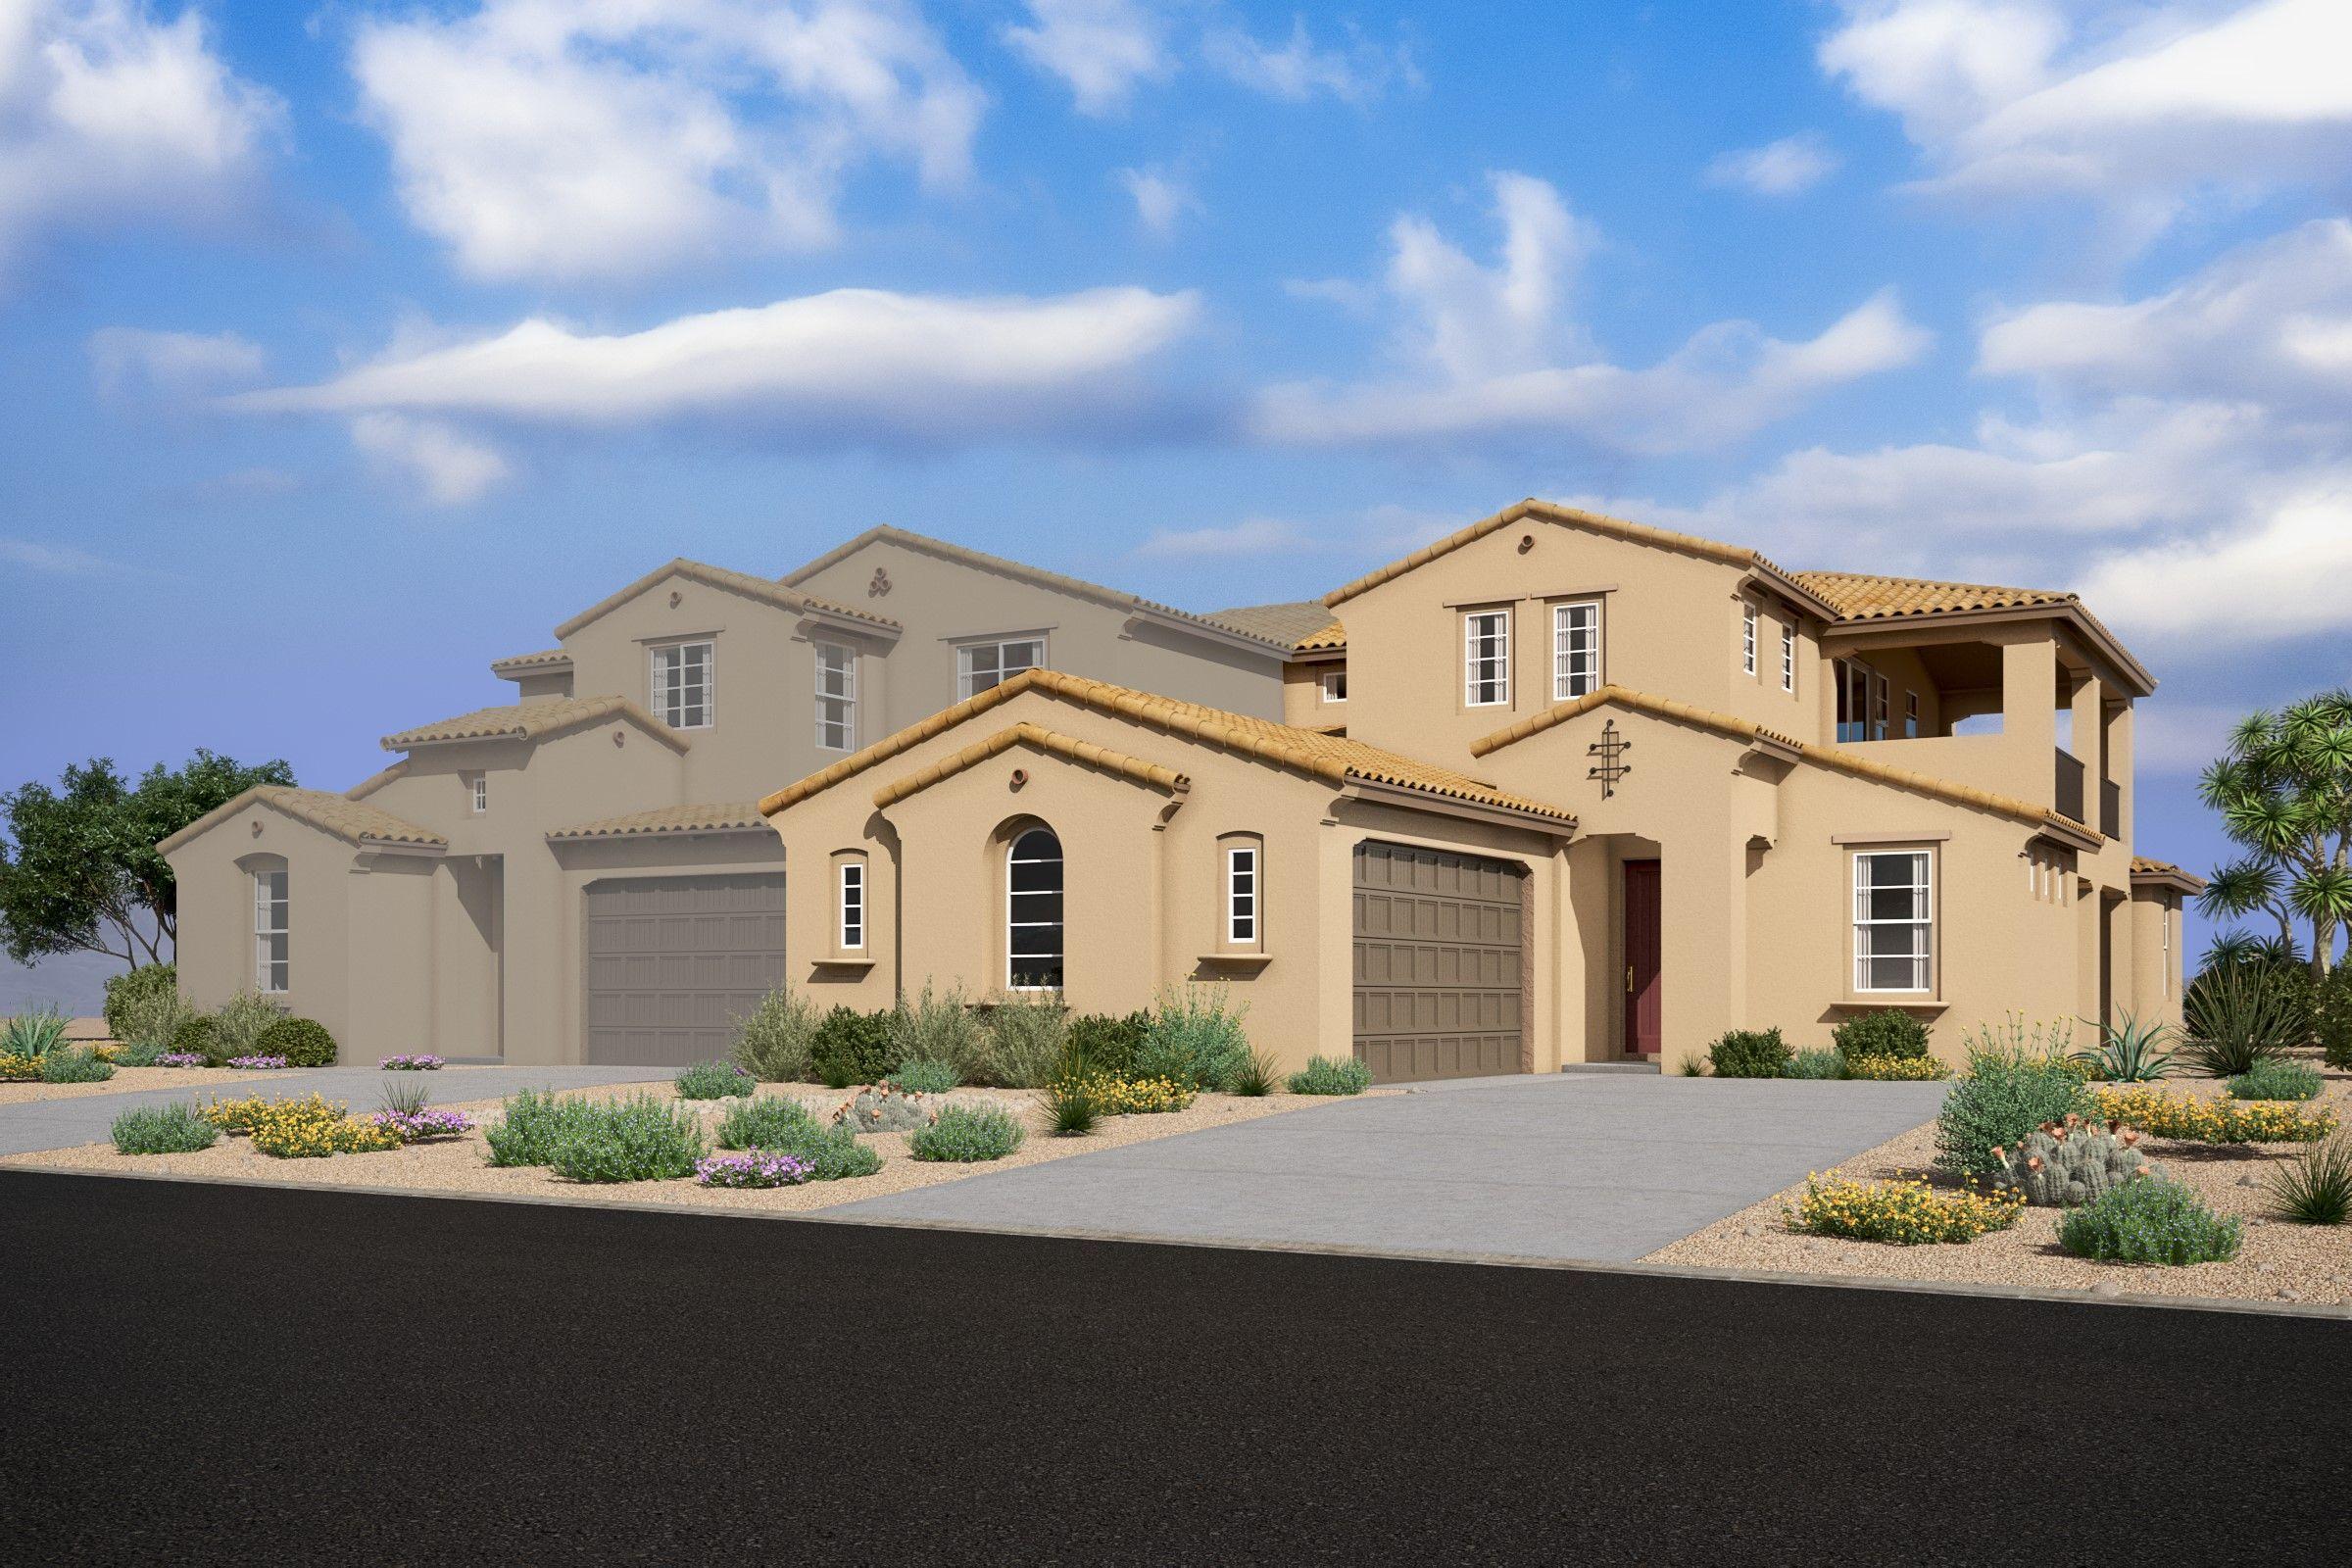 多户 为 销售 在 Summit At Silverstone - Crest 74th St And Pinnacle Peak Rd Scottsdale, Arizona 85255 United States